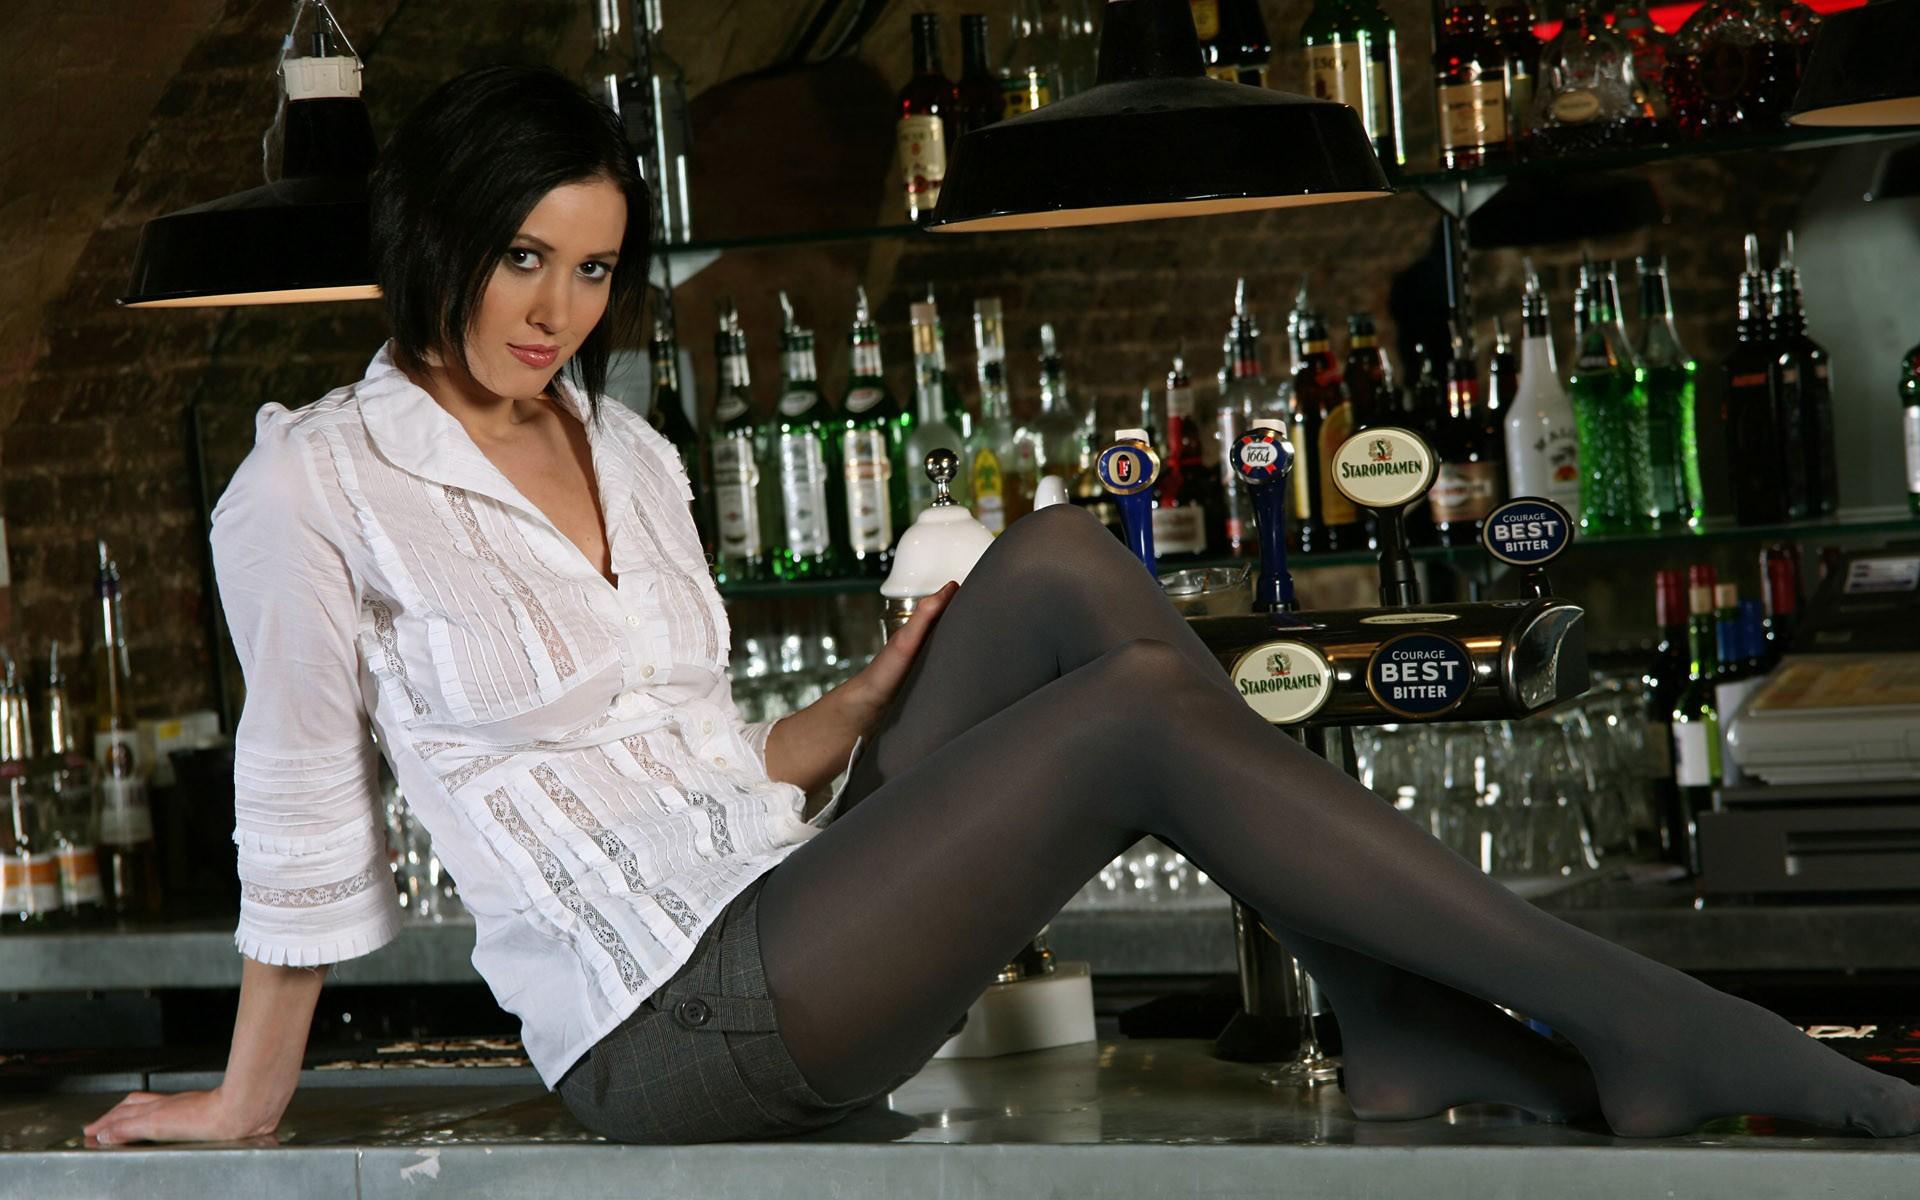 Членом брюнетка в платье и колготках задирает ноги в кафе фото